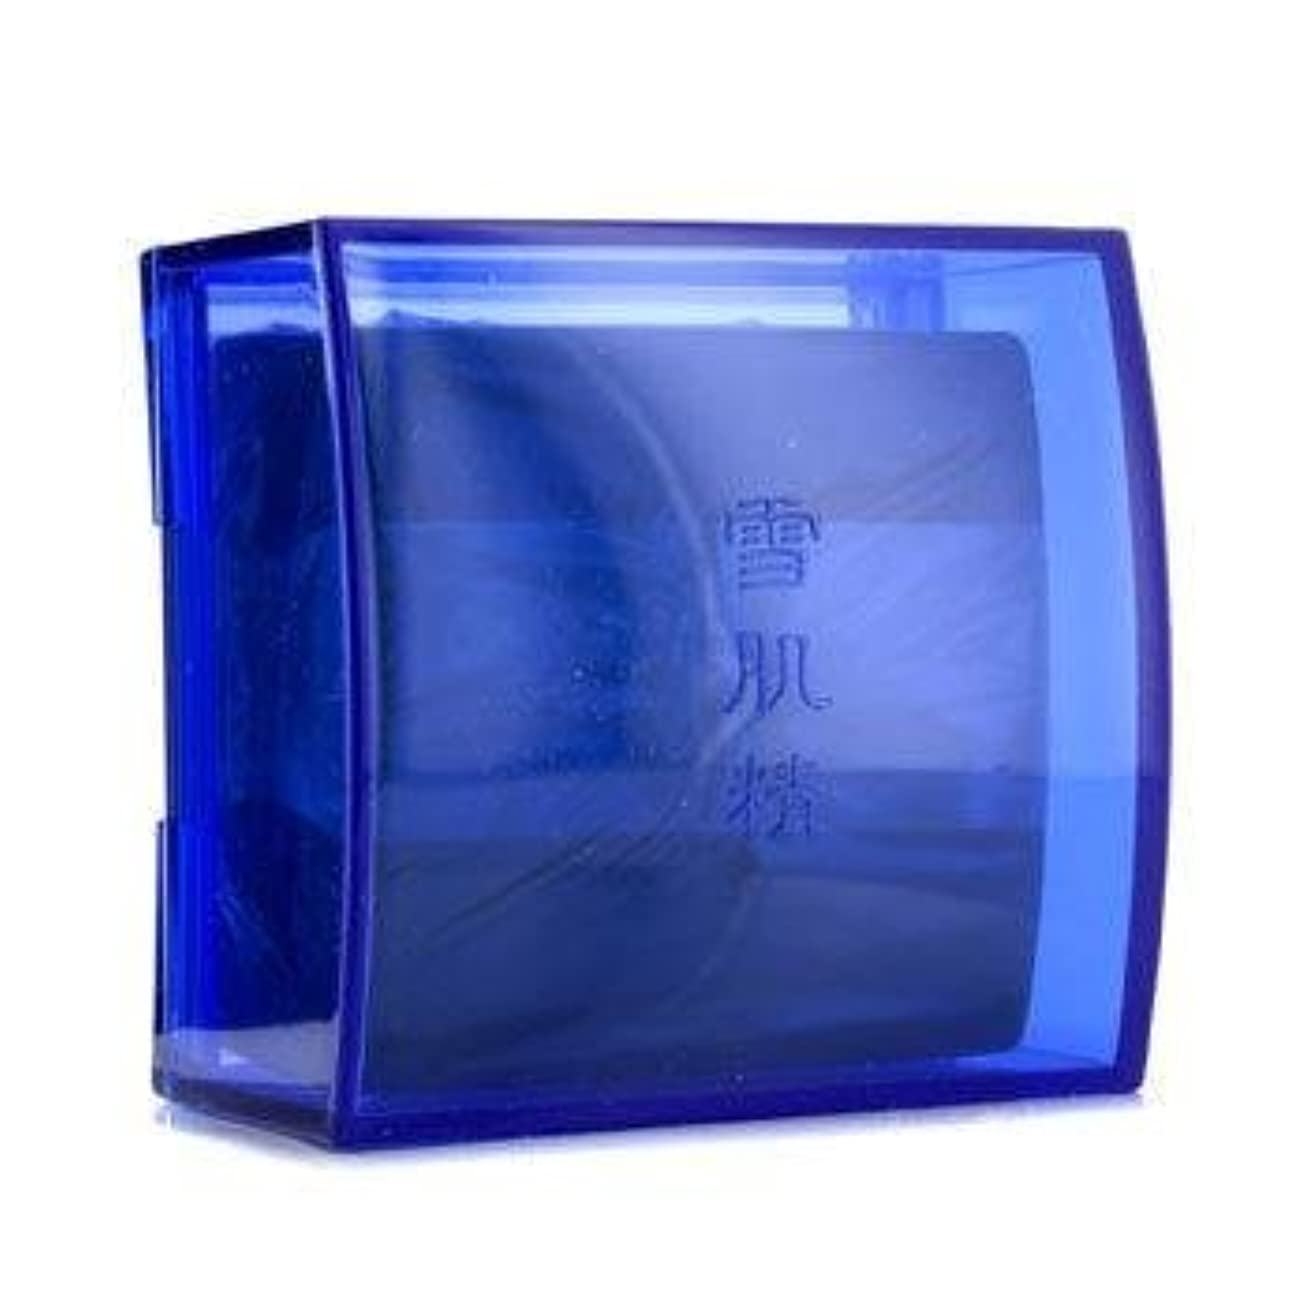 自明オンスピンクコーセー 清肌晶ソープ ケース付 120g/4.2oz